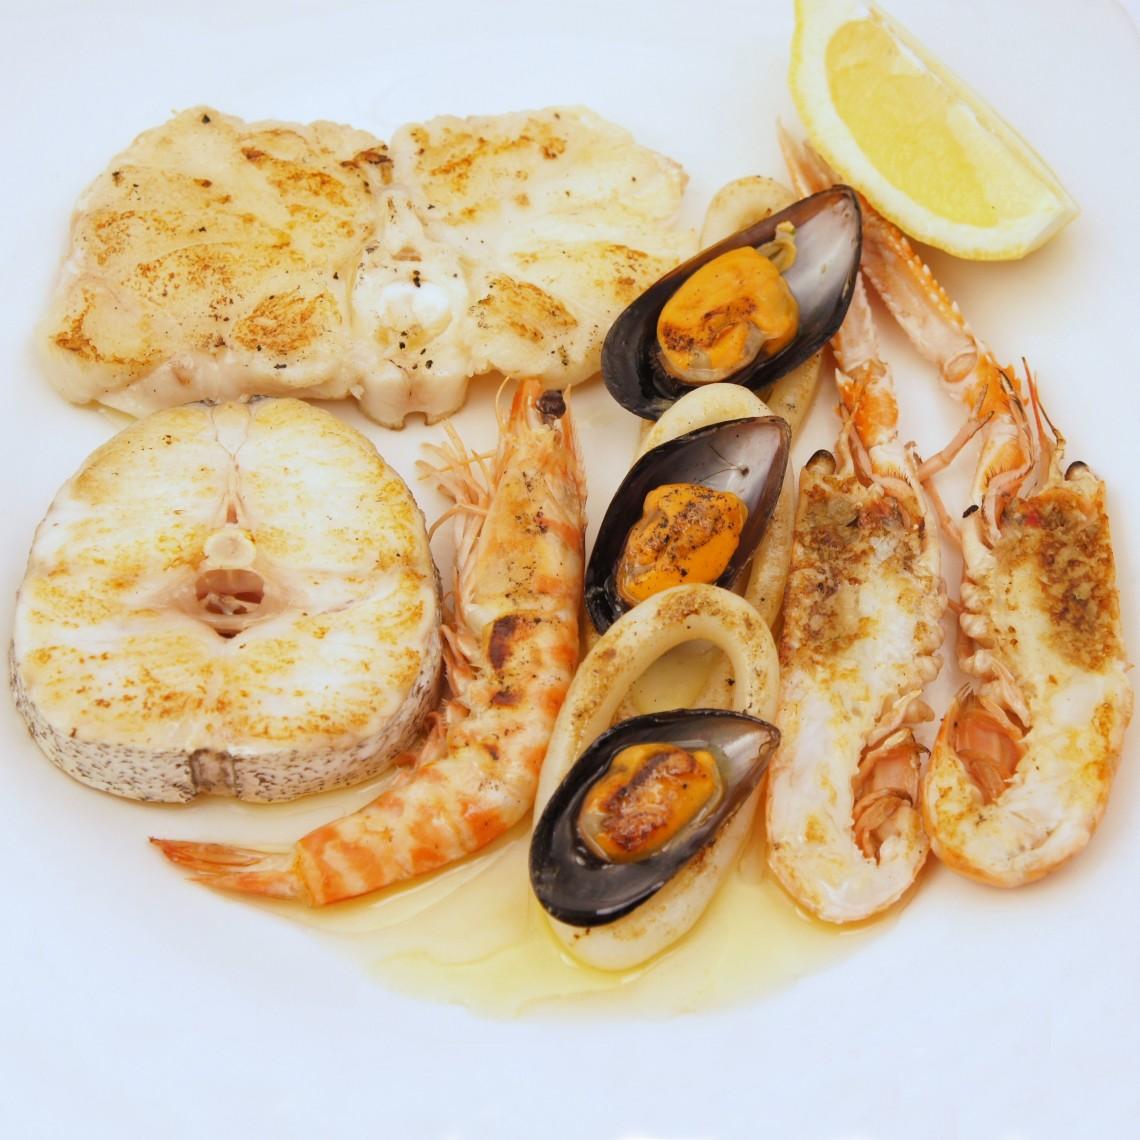 Parrillada de marisco y pescado